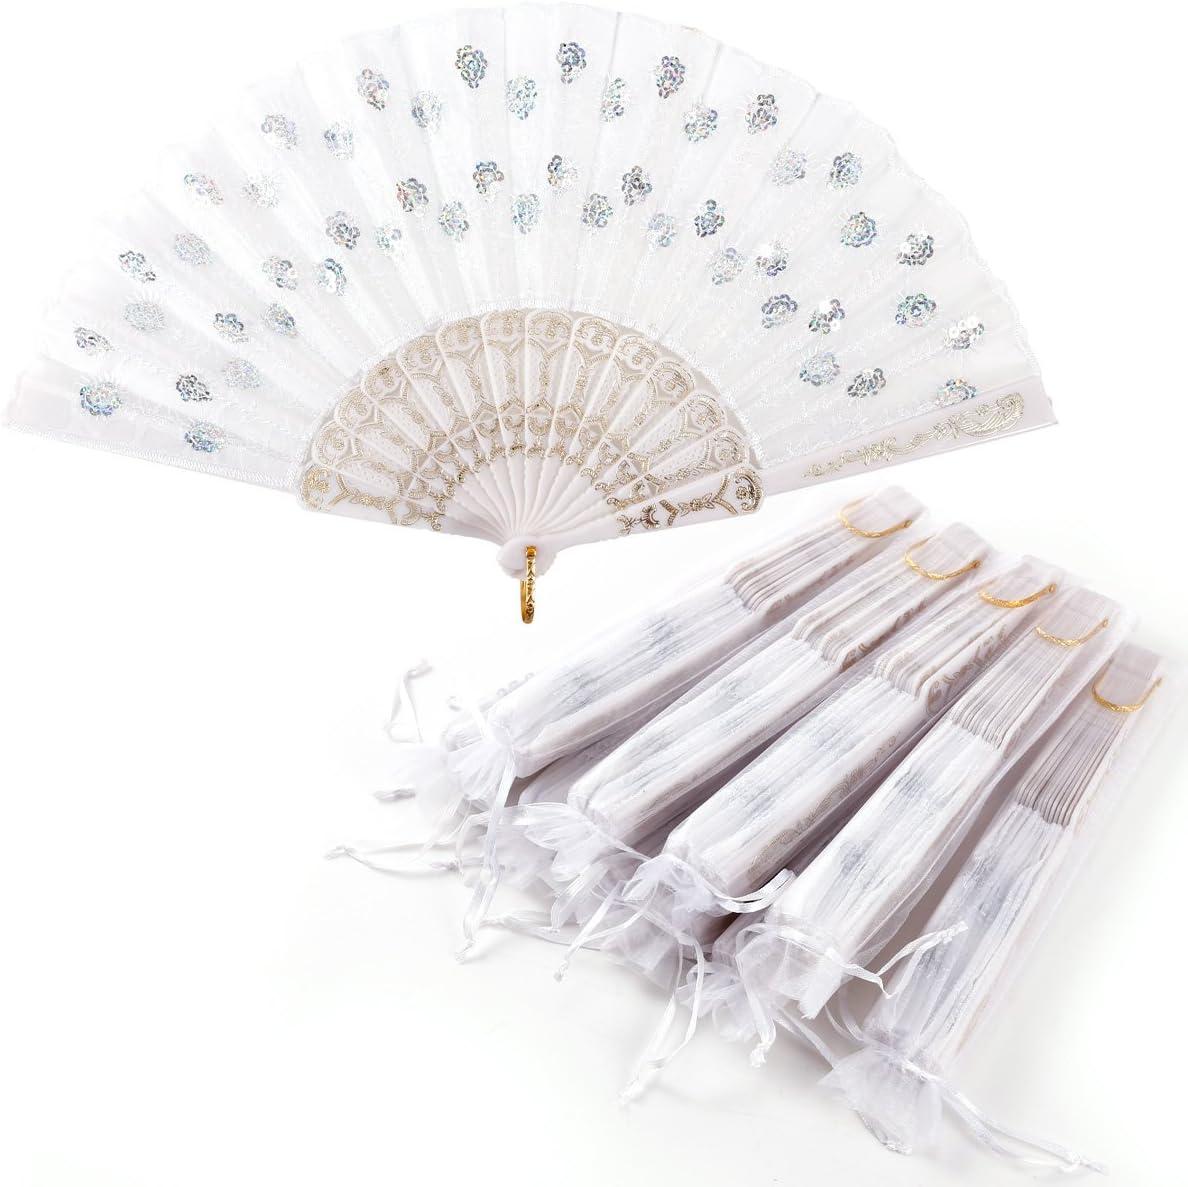 Surepromise Lote 10 uds. Abanicos de Tela Bordado + 10 pcs Bolsita de Organza para Invitado Boda Fiesta (Blanco)